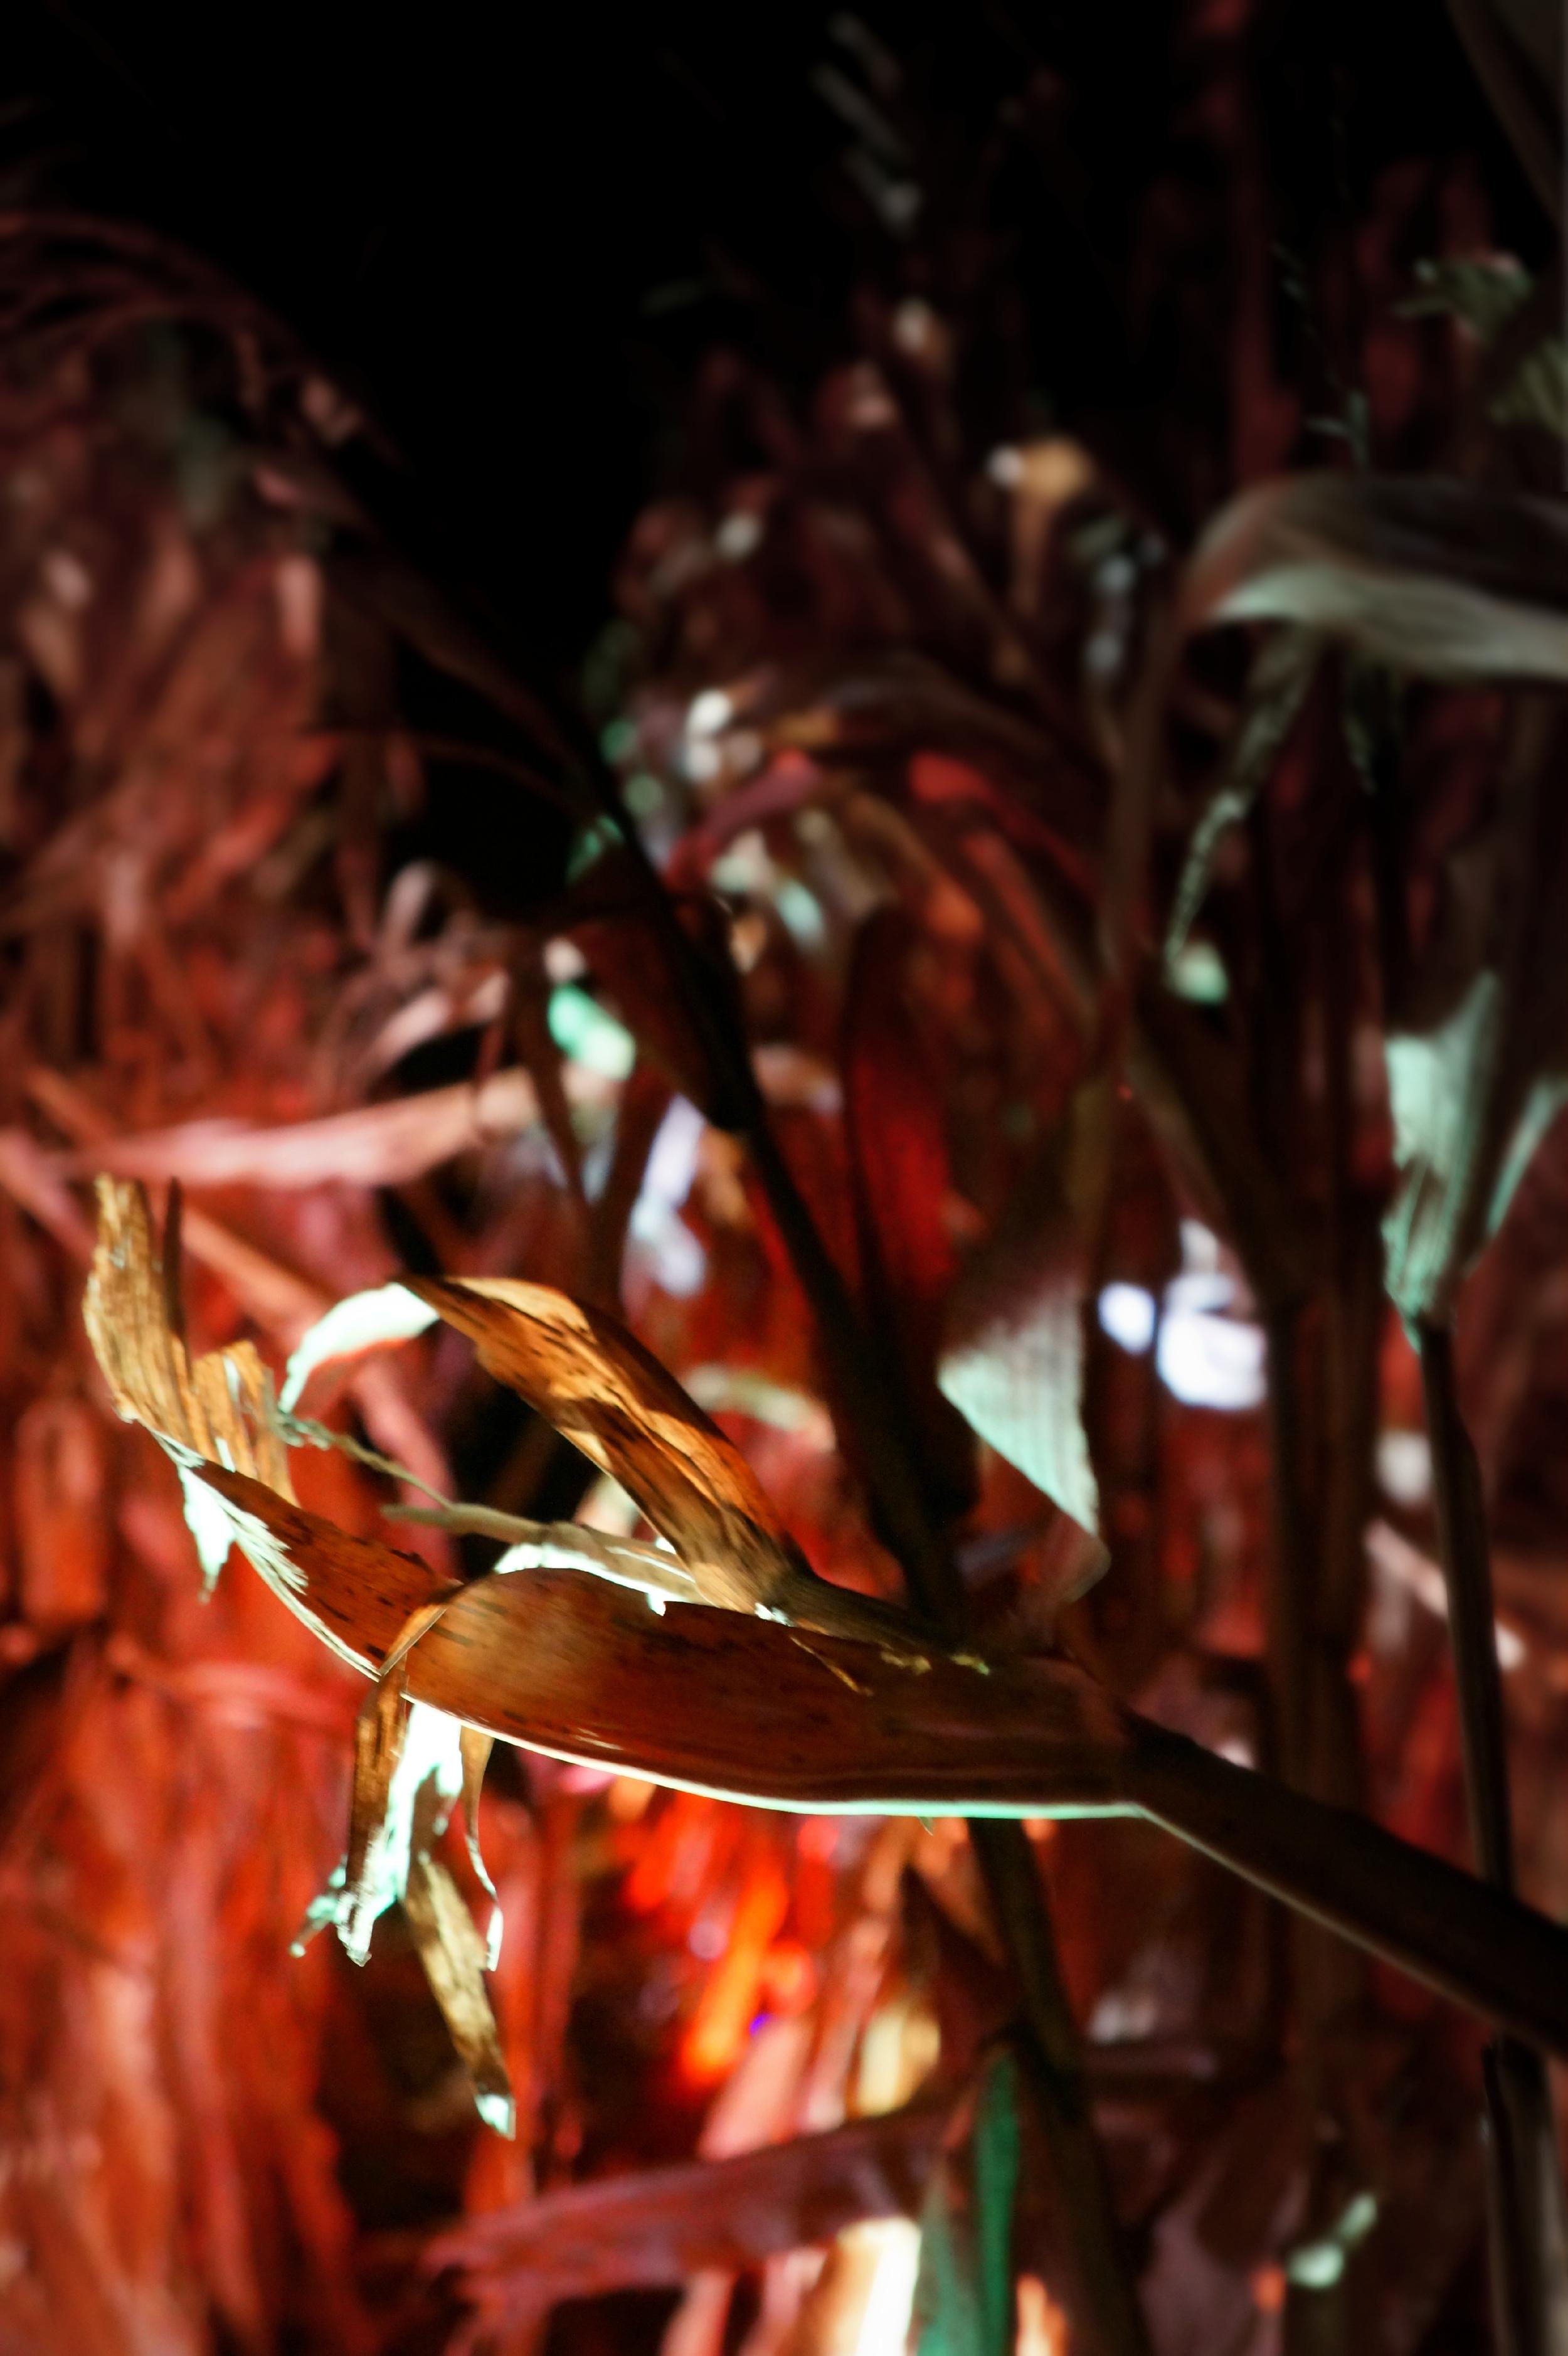 Corn Closeup 2.jpg